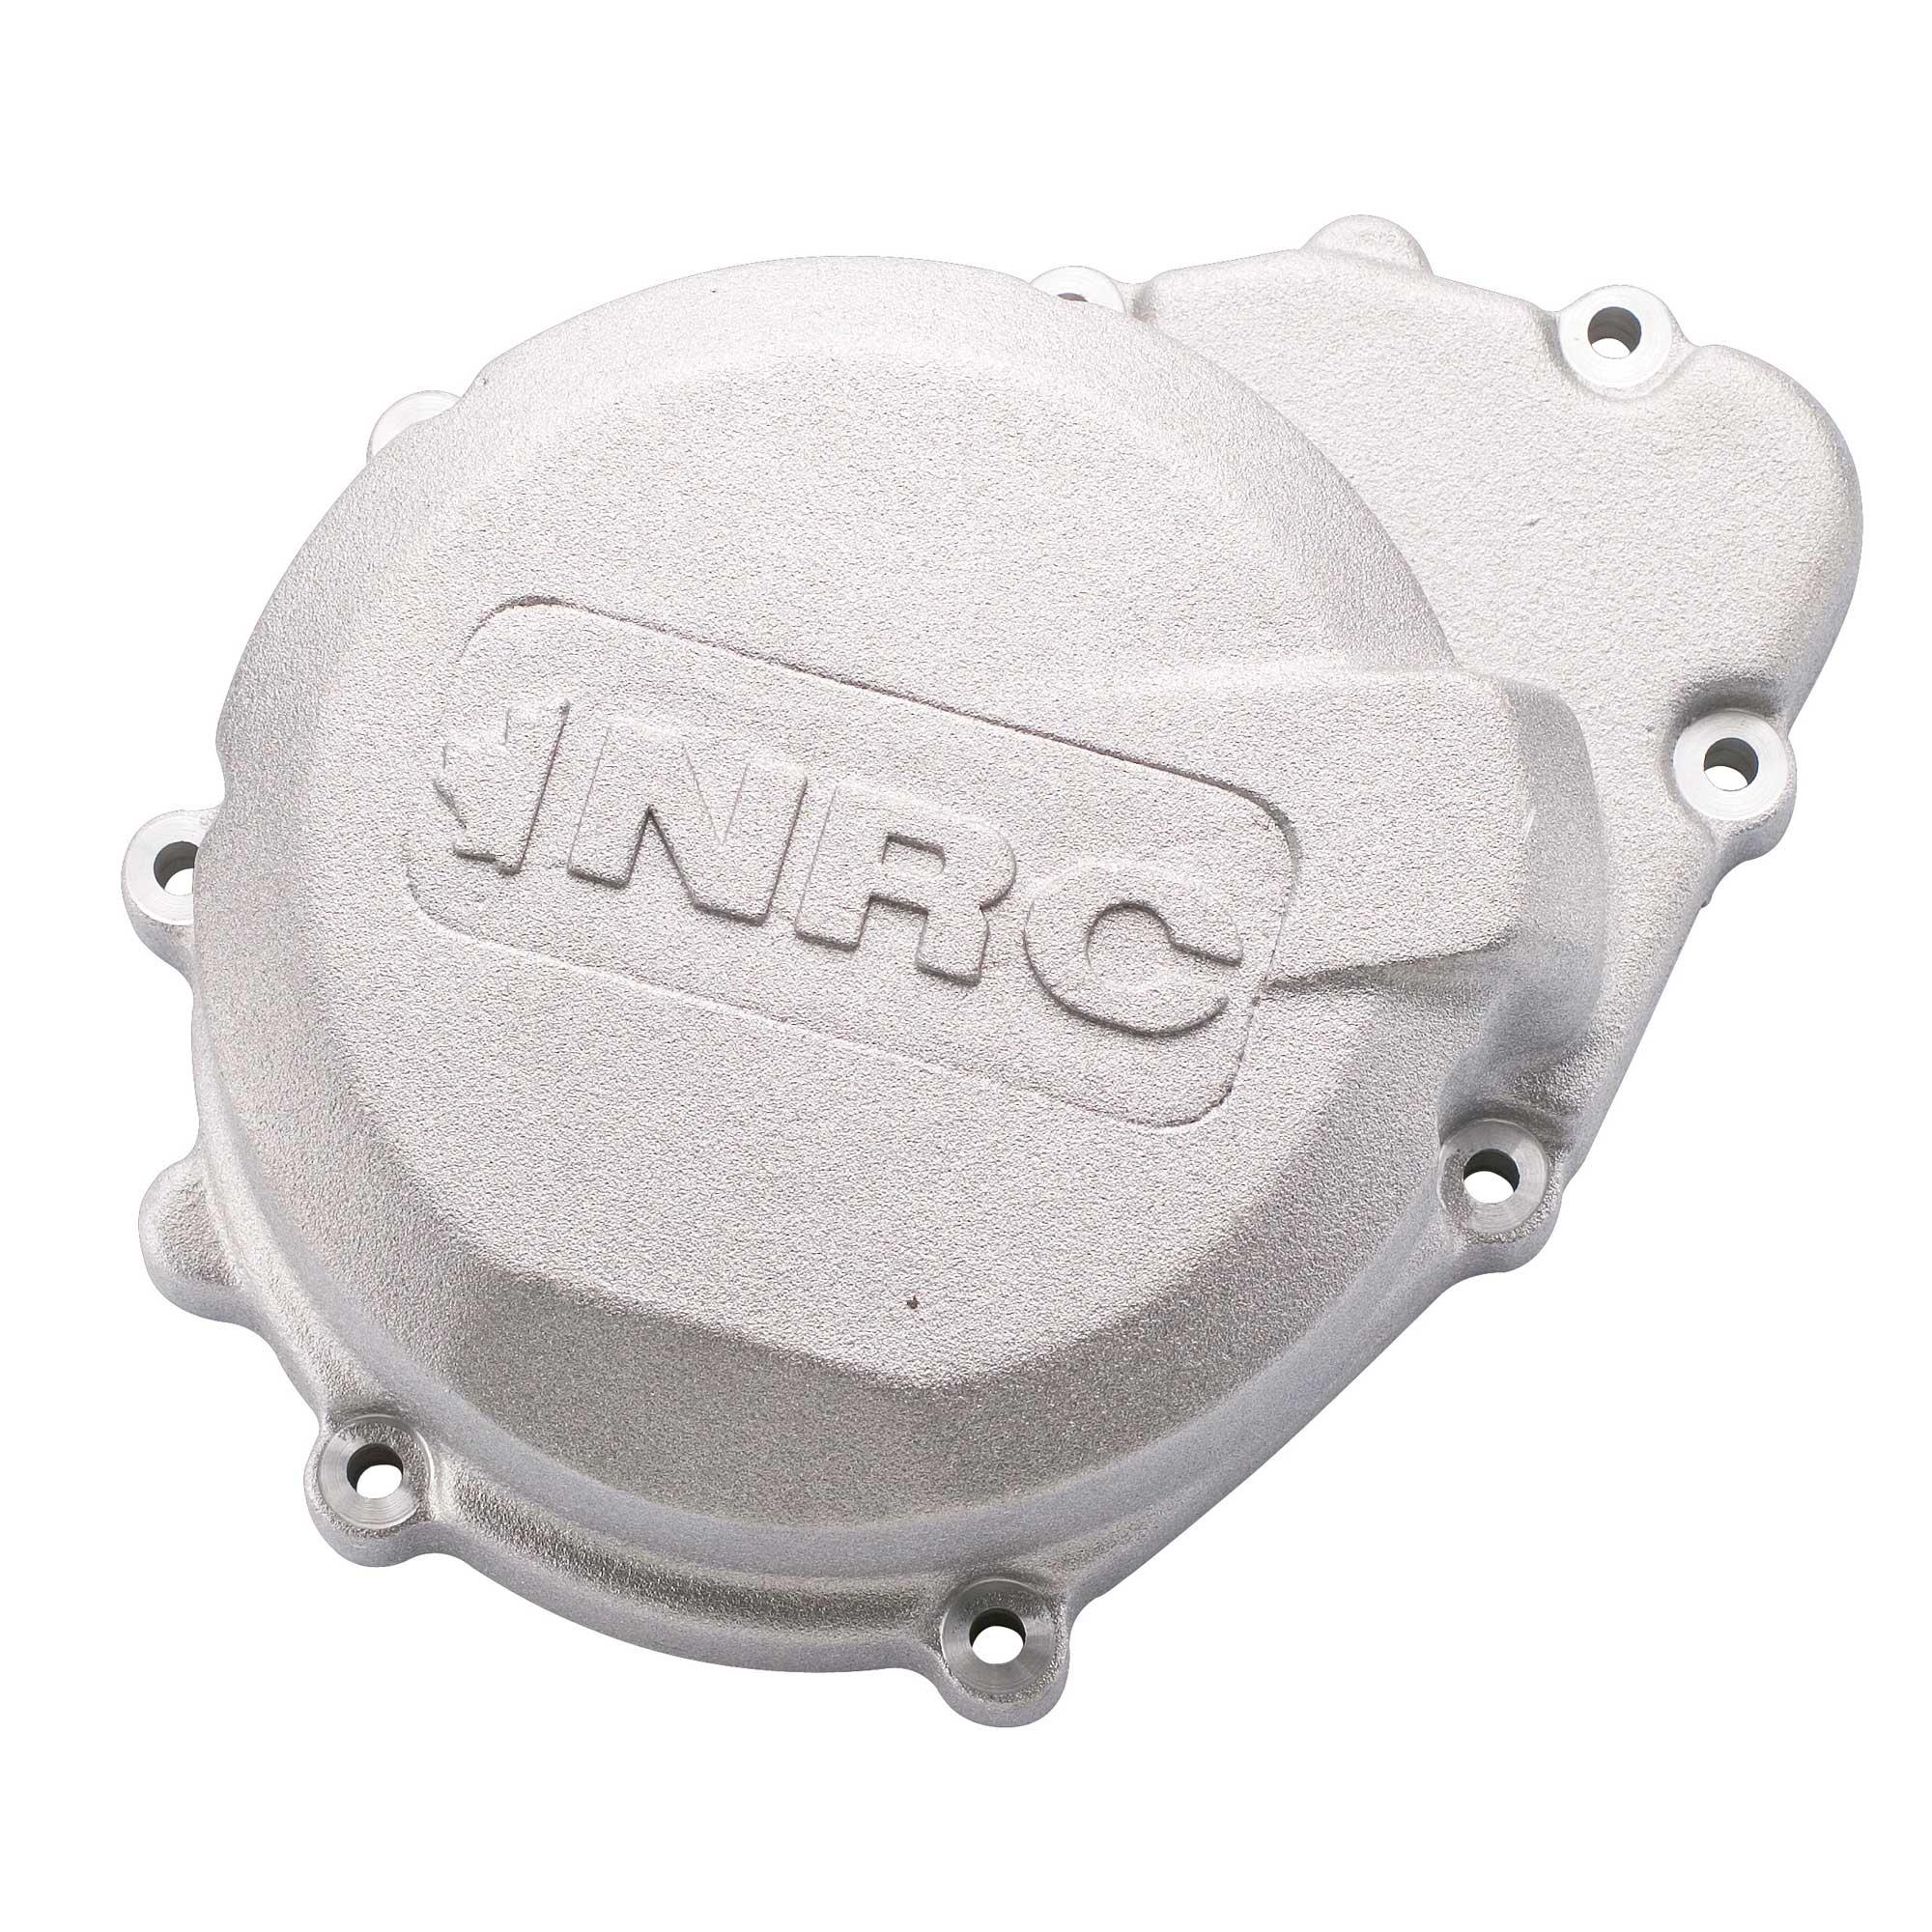 NRC Super Heavy Duty Upgrade Engine Cover Suzuki GSXR750 F-M 85-91 Right